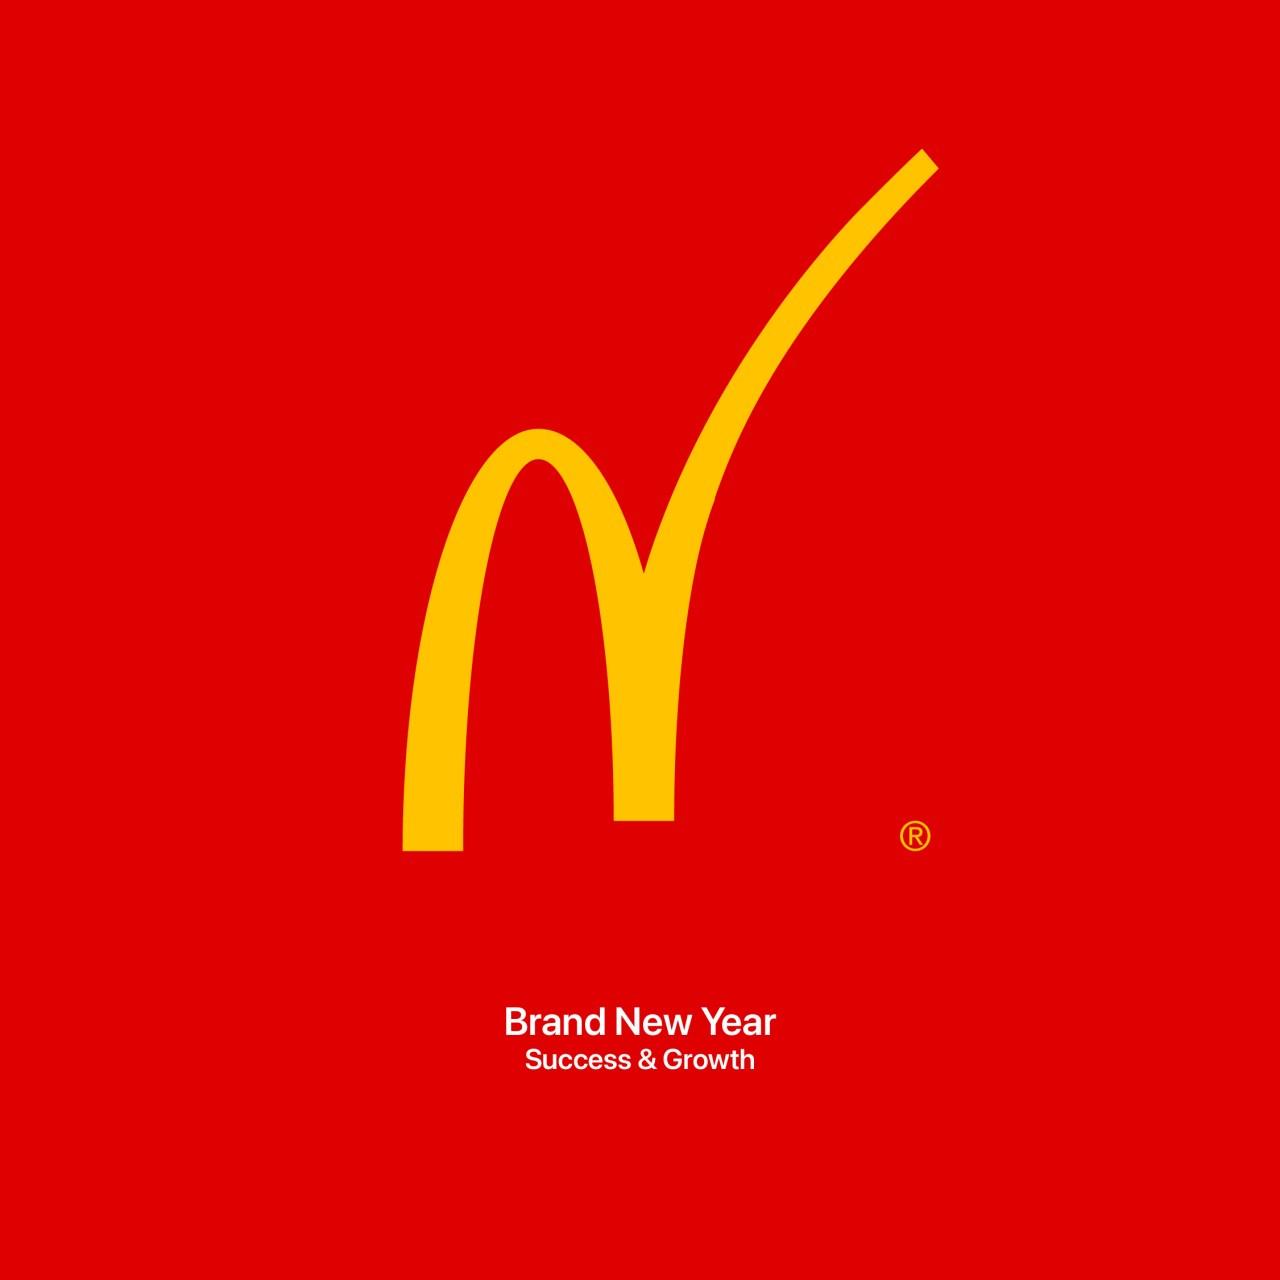 Brand New Year-02